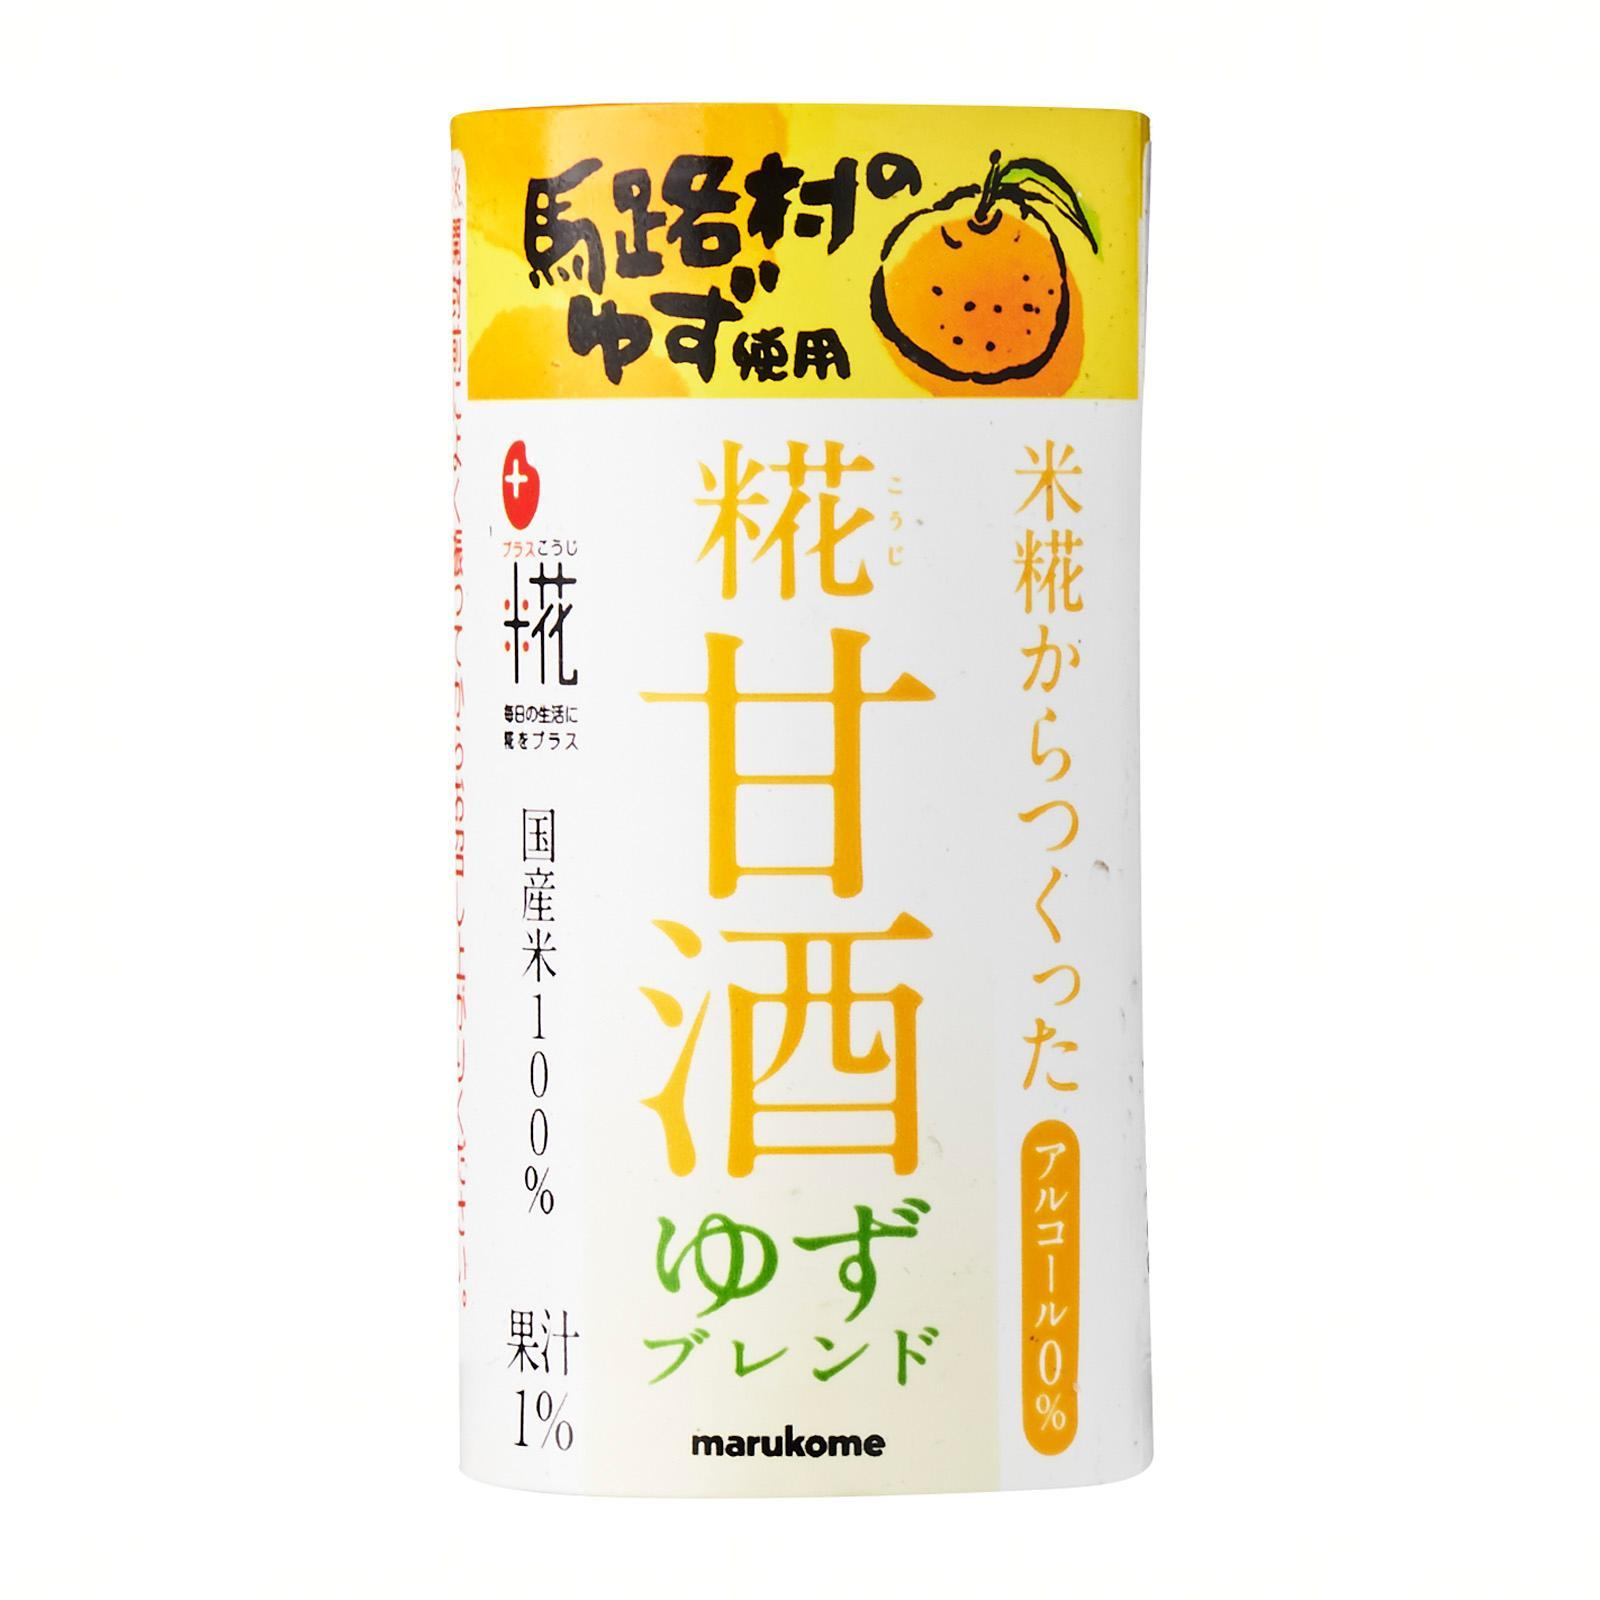 Marukome Yuzu Blended Amazake Drink - Jetro Special